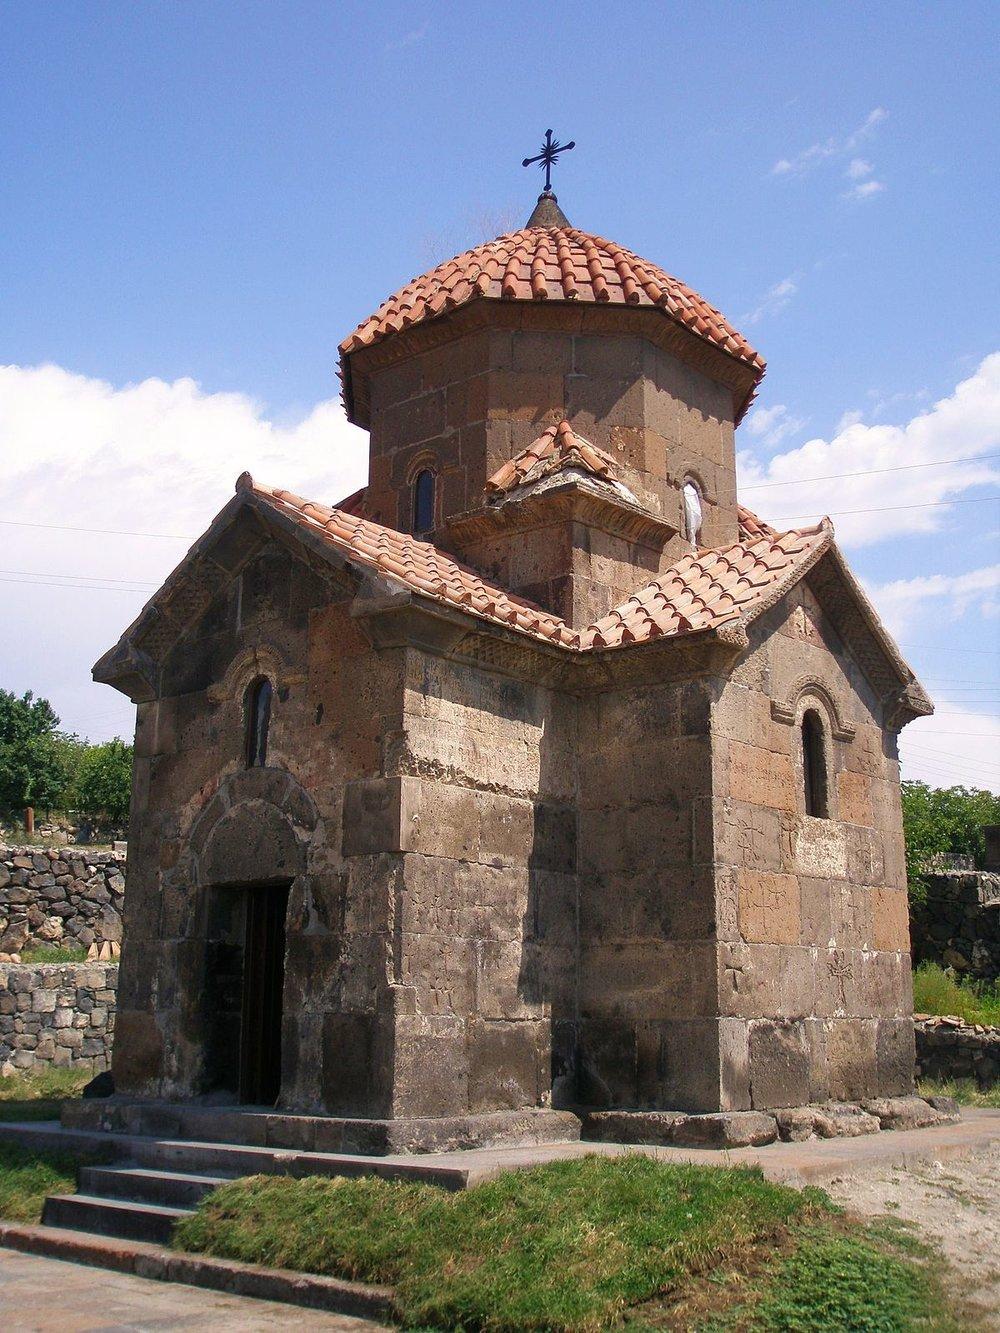 Церковь Кармраворрасположена в провинцииАрагацотнской области.Храм построен в VII веке священниками Григорием и Манасом. Он представляет собой небольшое строение крестообразной формы, на крыше установлен восьмиугольный барабан.  Рядом - могила поэта Геворга Эмина